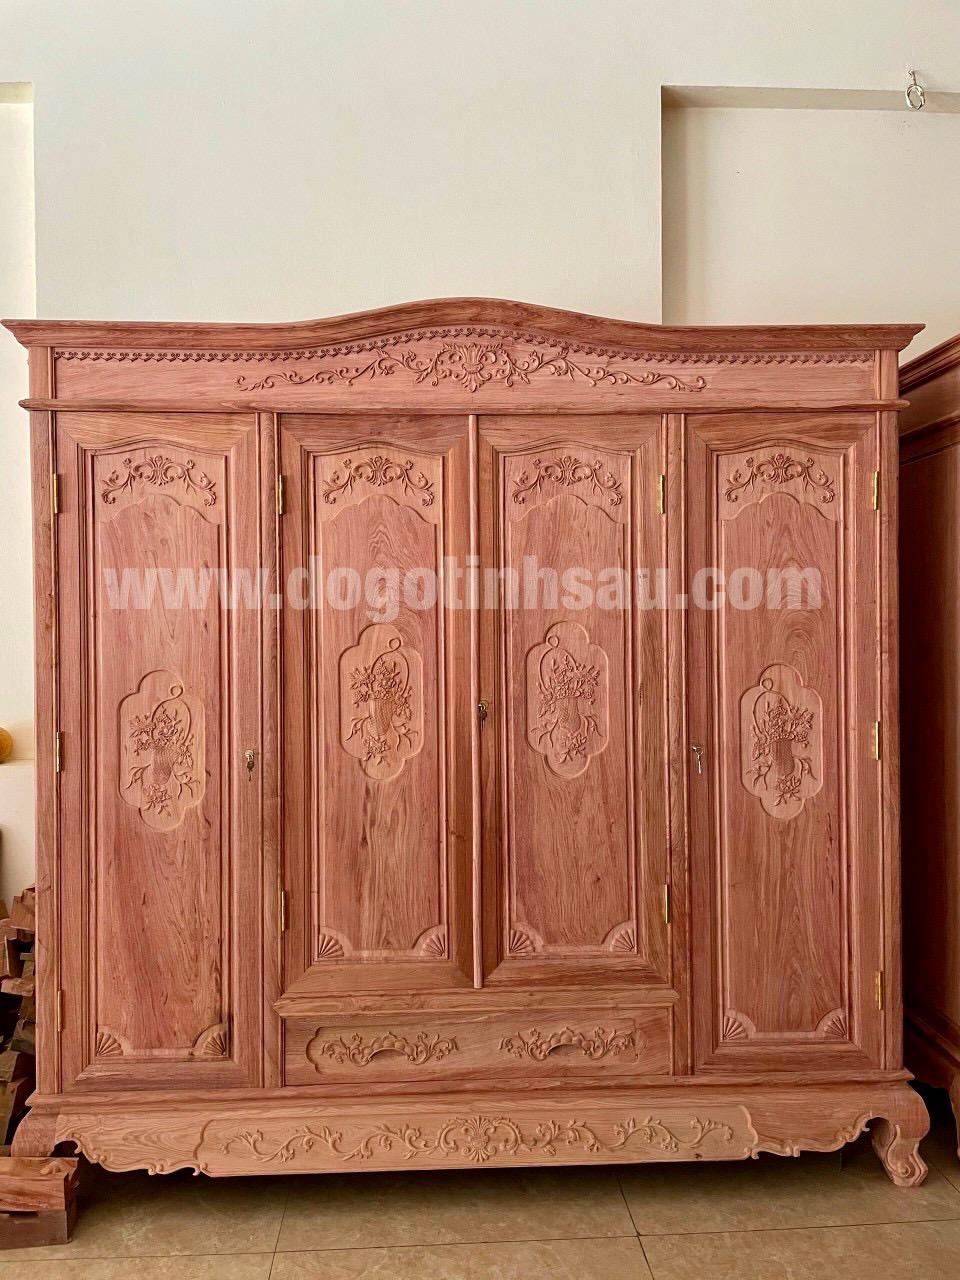 tu ao go huong da 3 buong 4 canh - Tại sao ngày càng nhiều khách hàng quan tâm lựa chọn tủ áo gỗ hương?